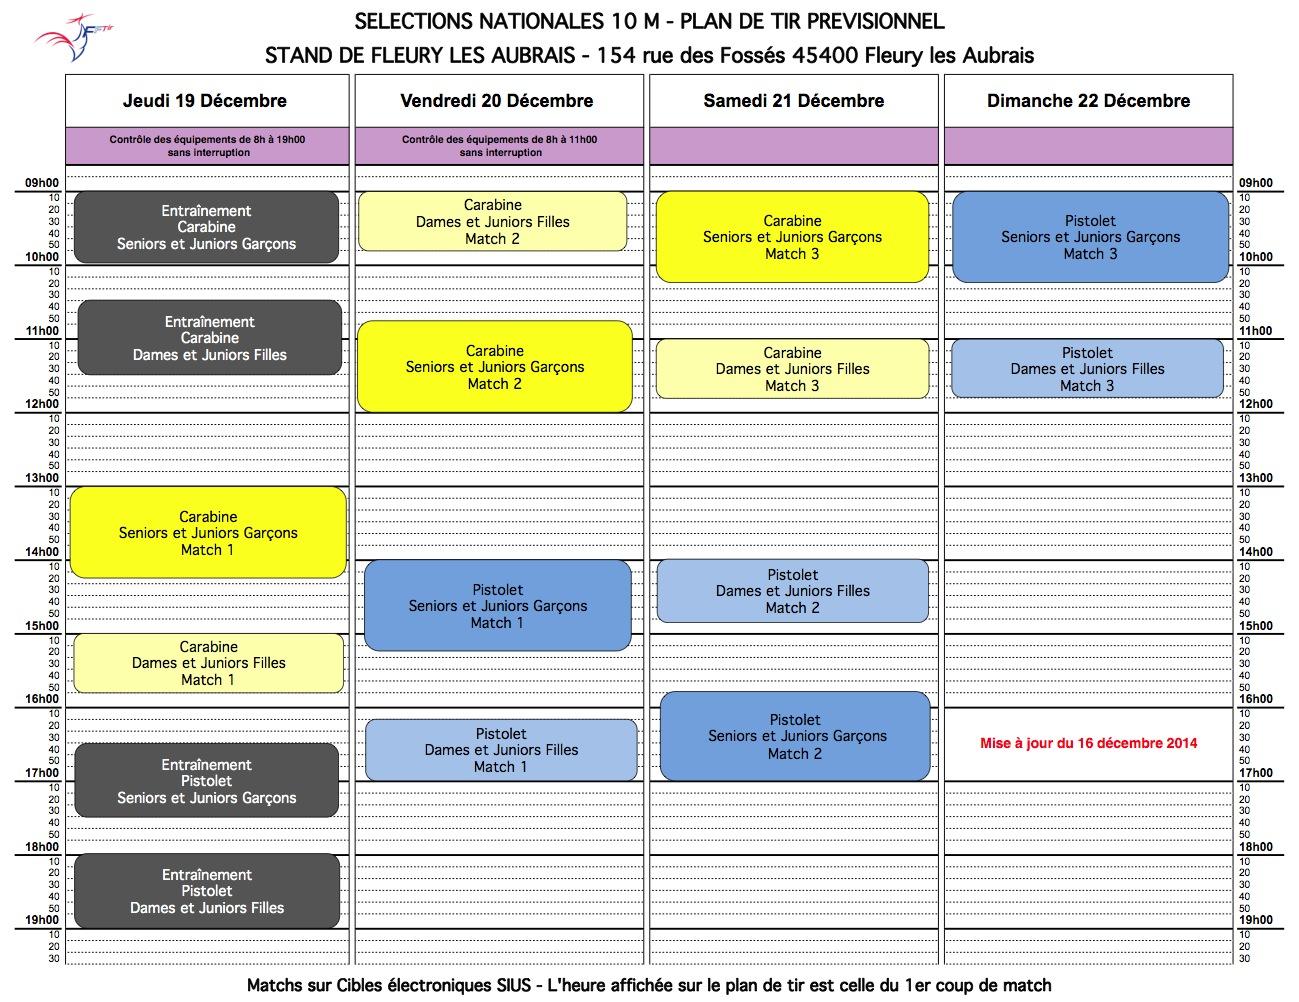 fftir 2013-12-16 a%u0300 10.21.26.jpg